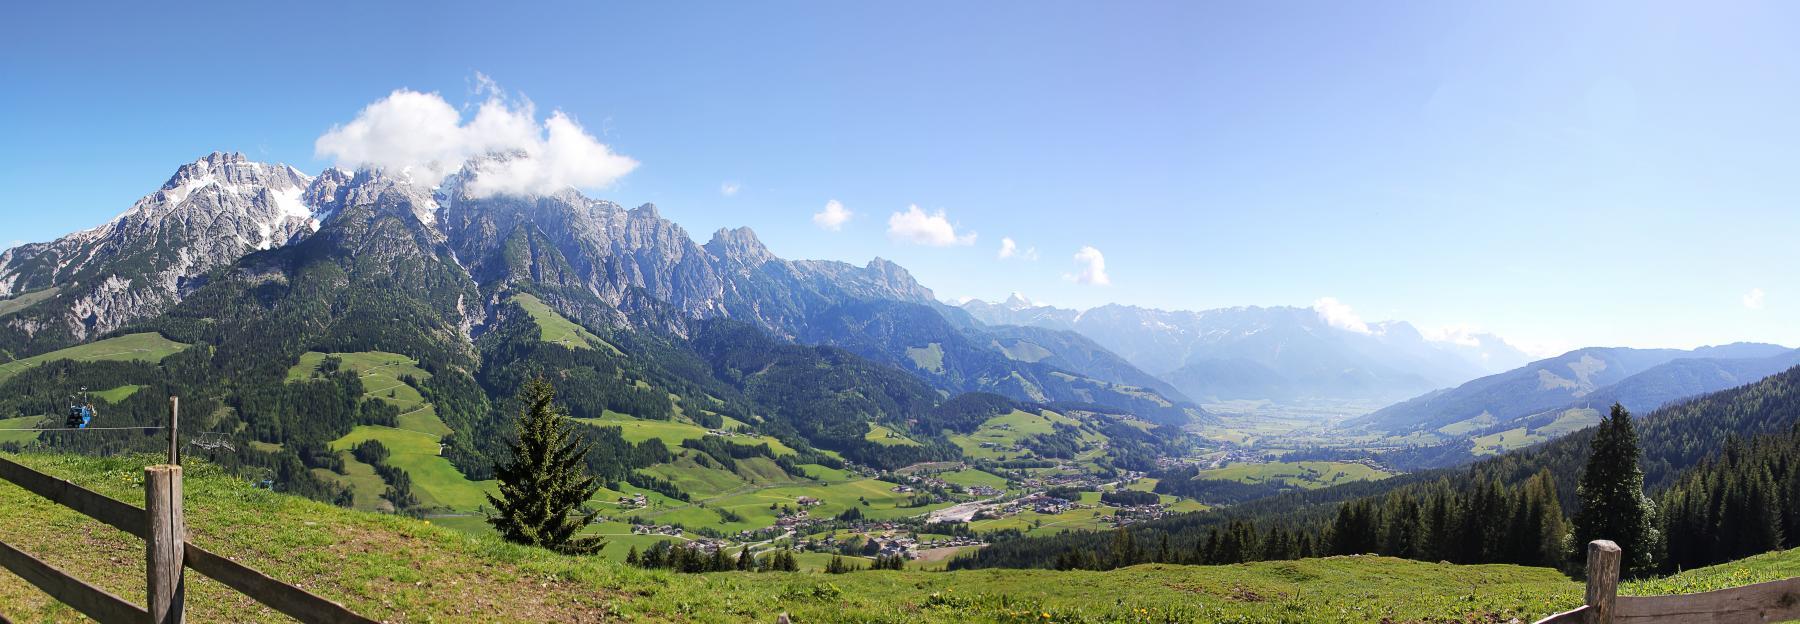 Lazinser Alm Südtirol - Touren, Wetter, Zimmer - Bergwelten